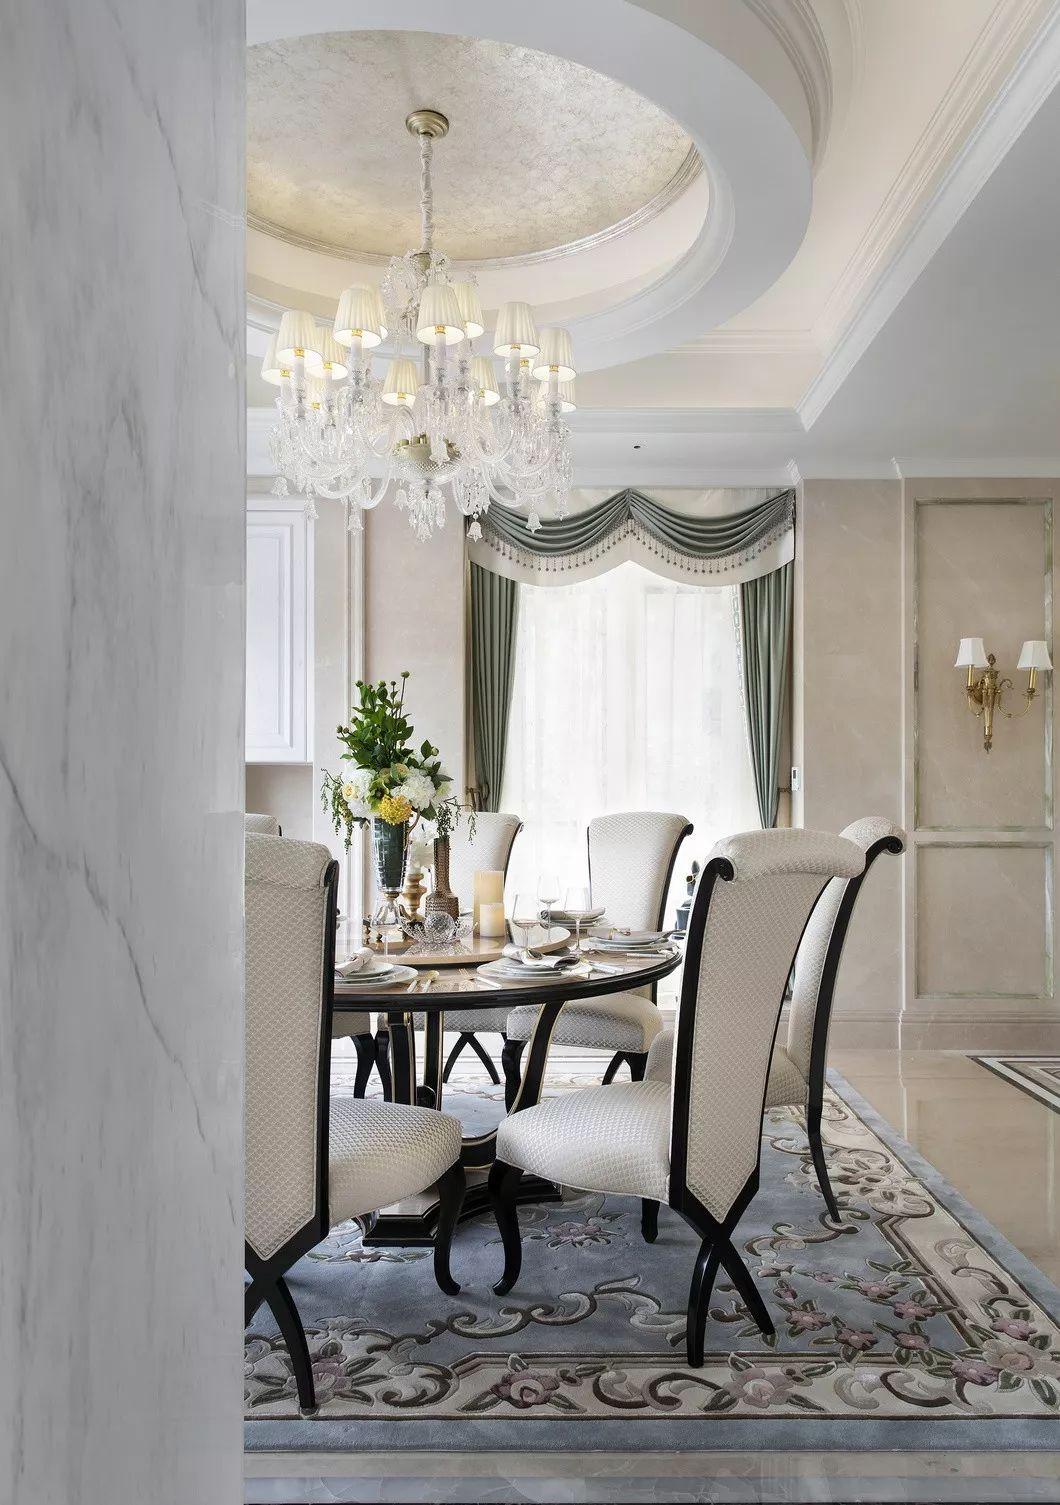 3000㎡独栋法式别墅:先生的品位,太太的浪漫| - 7